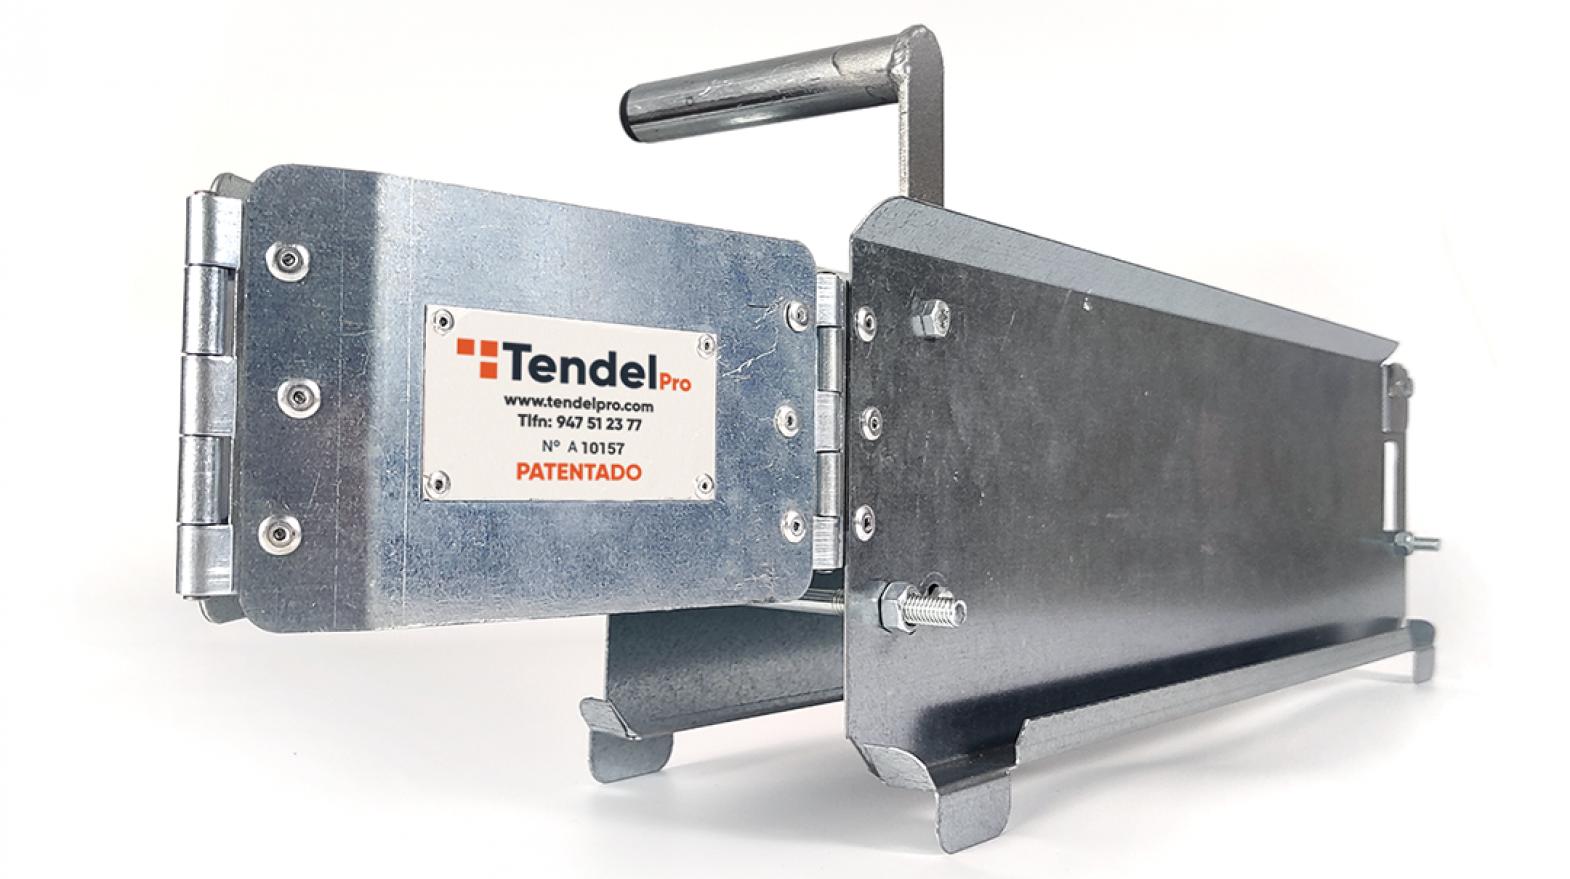 Deslizador de mortero Tendel Pro 12